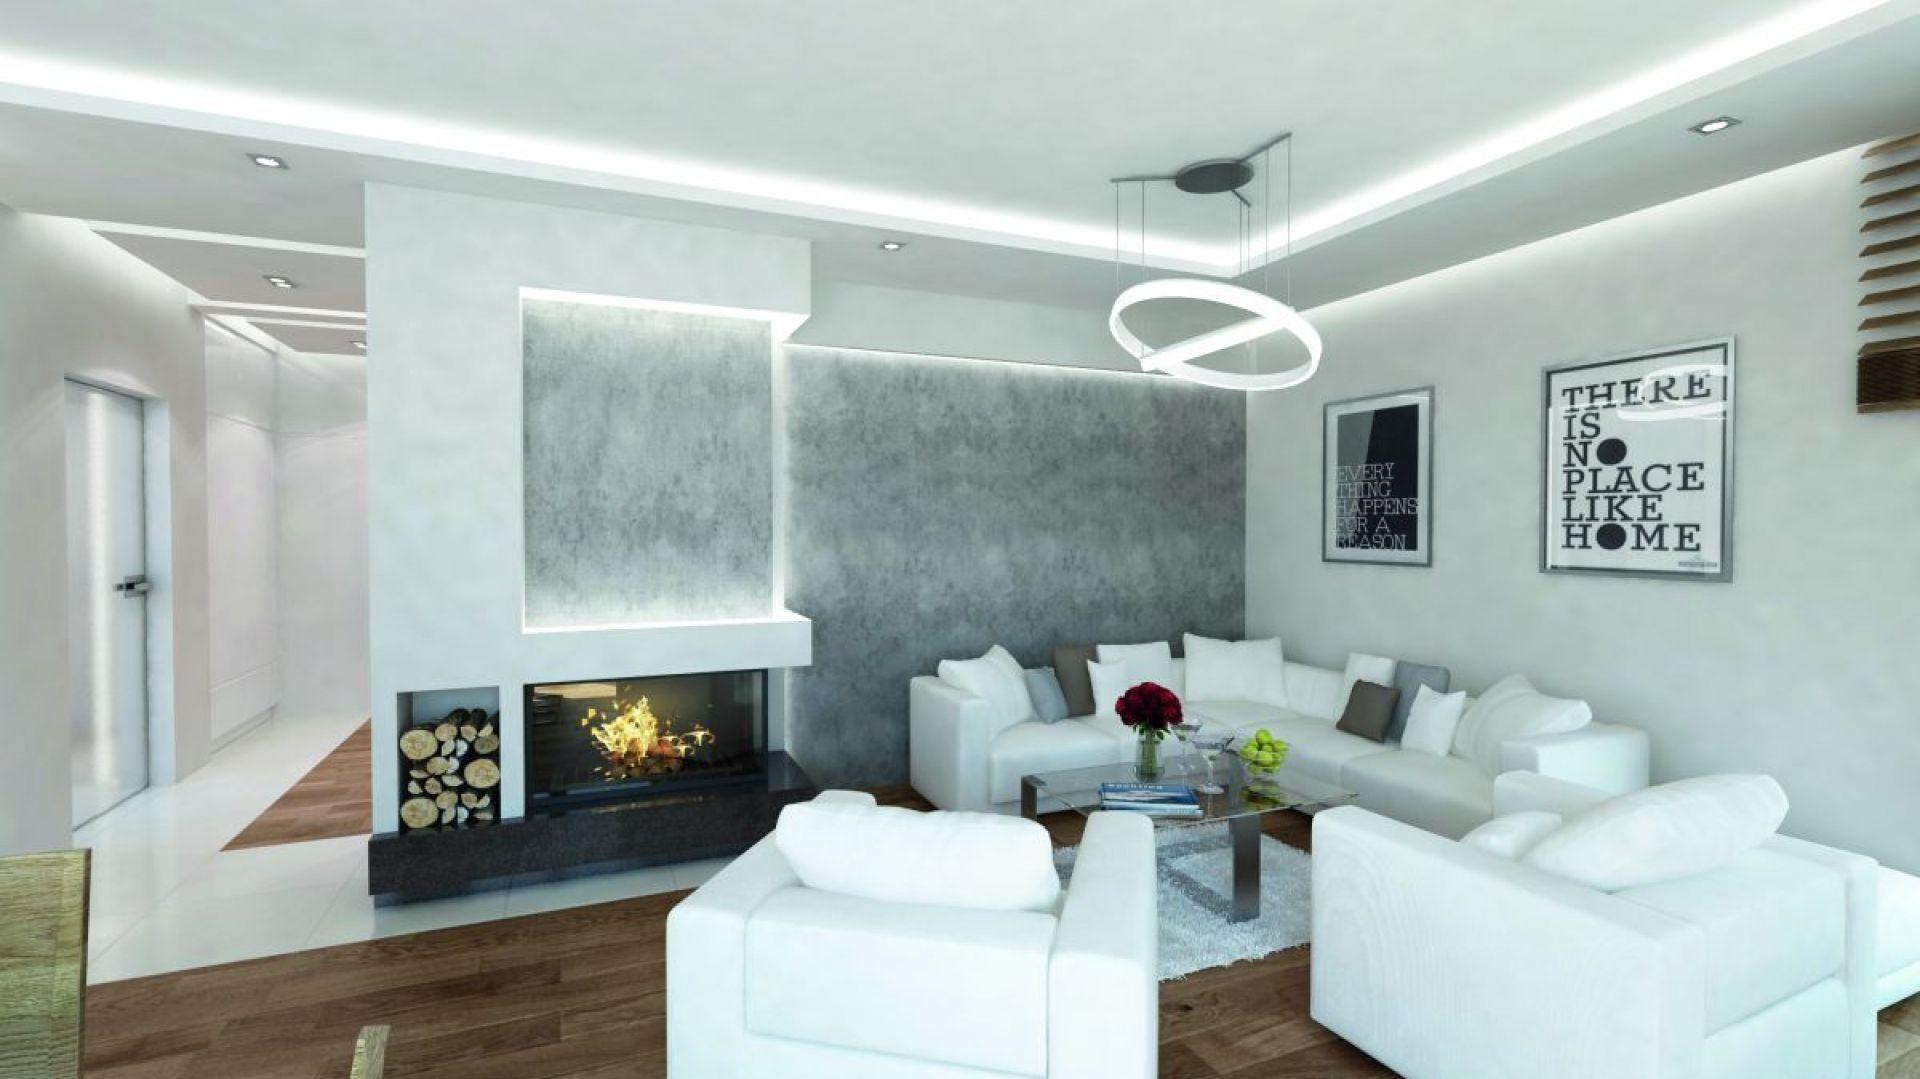 Wnętrza zaprojektowano w minimalistycznym stylu. Dominują w nich biele i szarości. Centralnym punktem salonu jest strefa relaksu, którą wyposażono w białą kanapę i fotele. Fot. Biuro Projektów MTM Styl